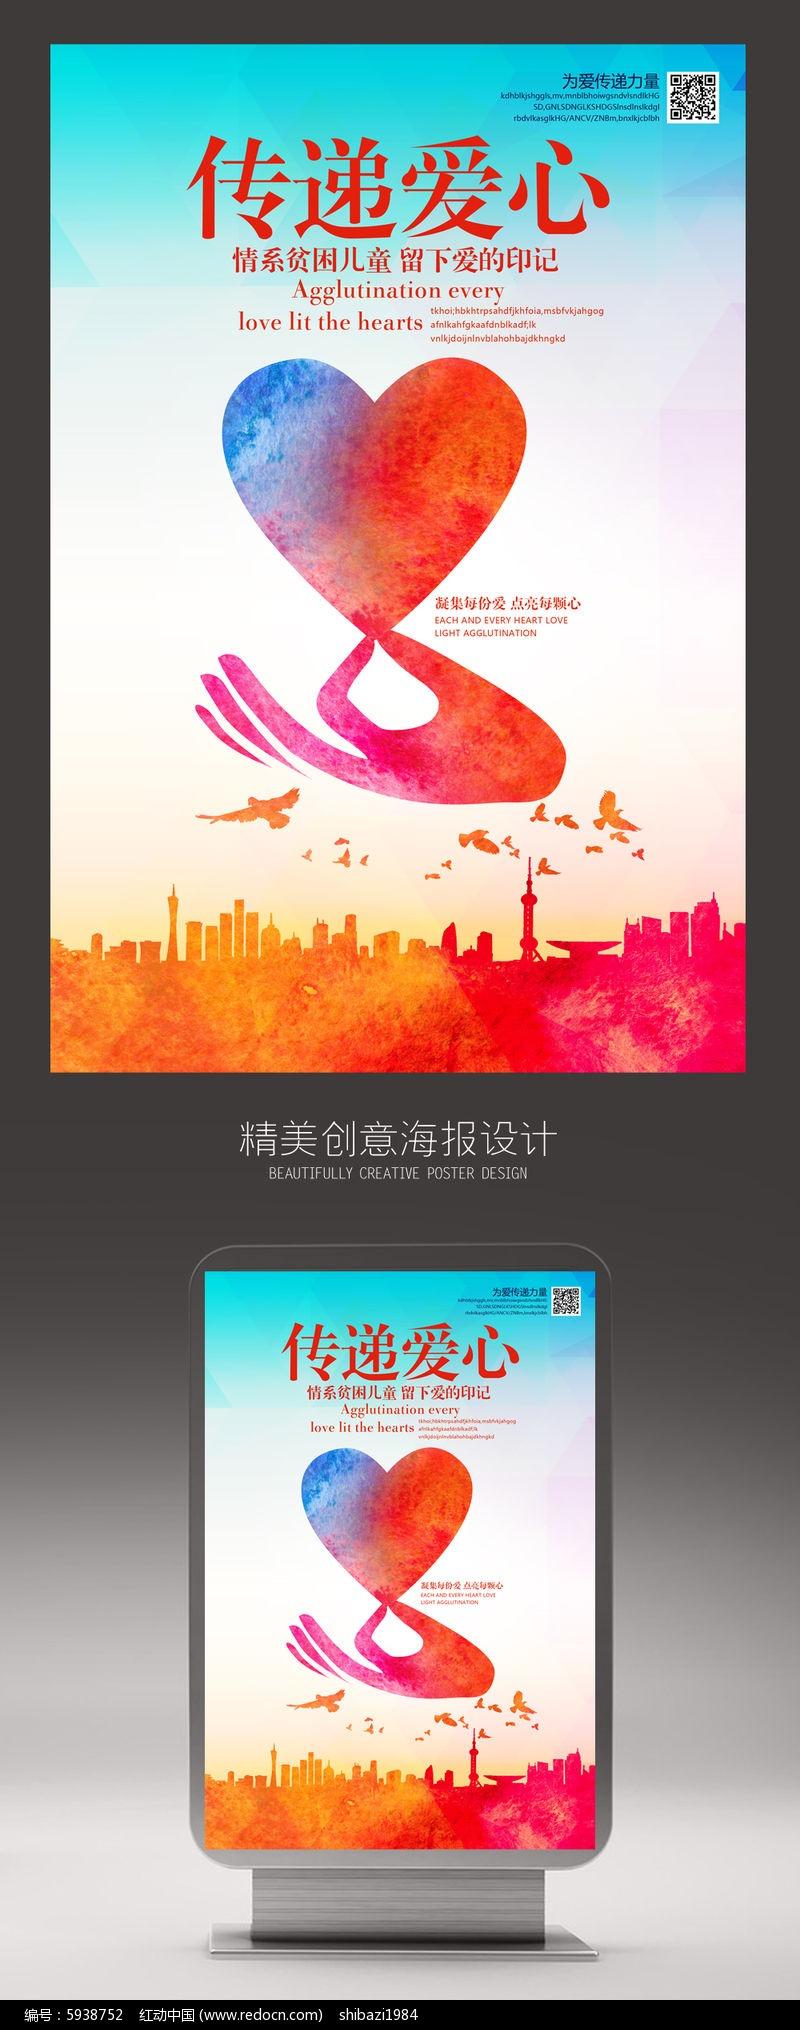 奉献传递爱心创意公益海报设计图片图片